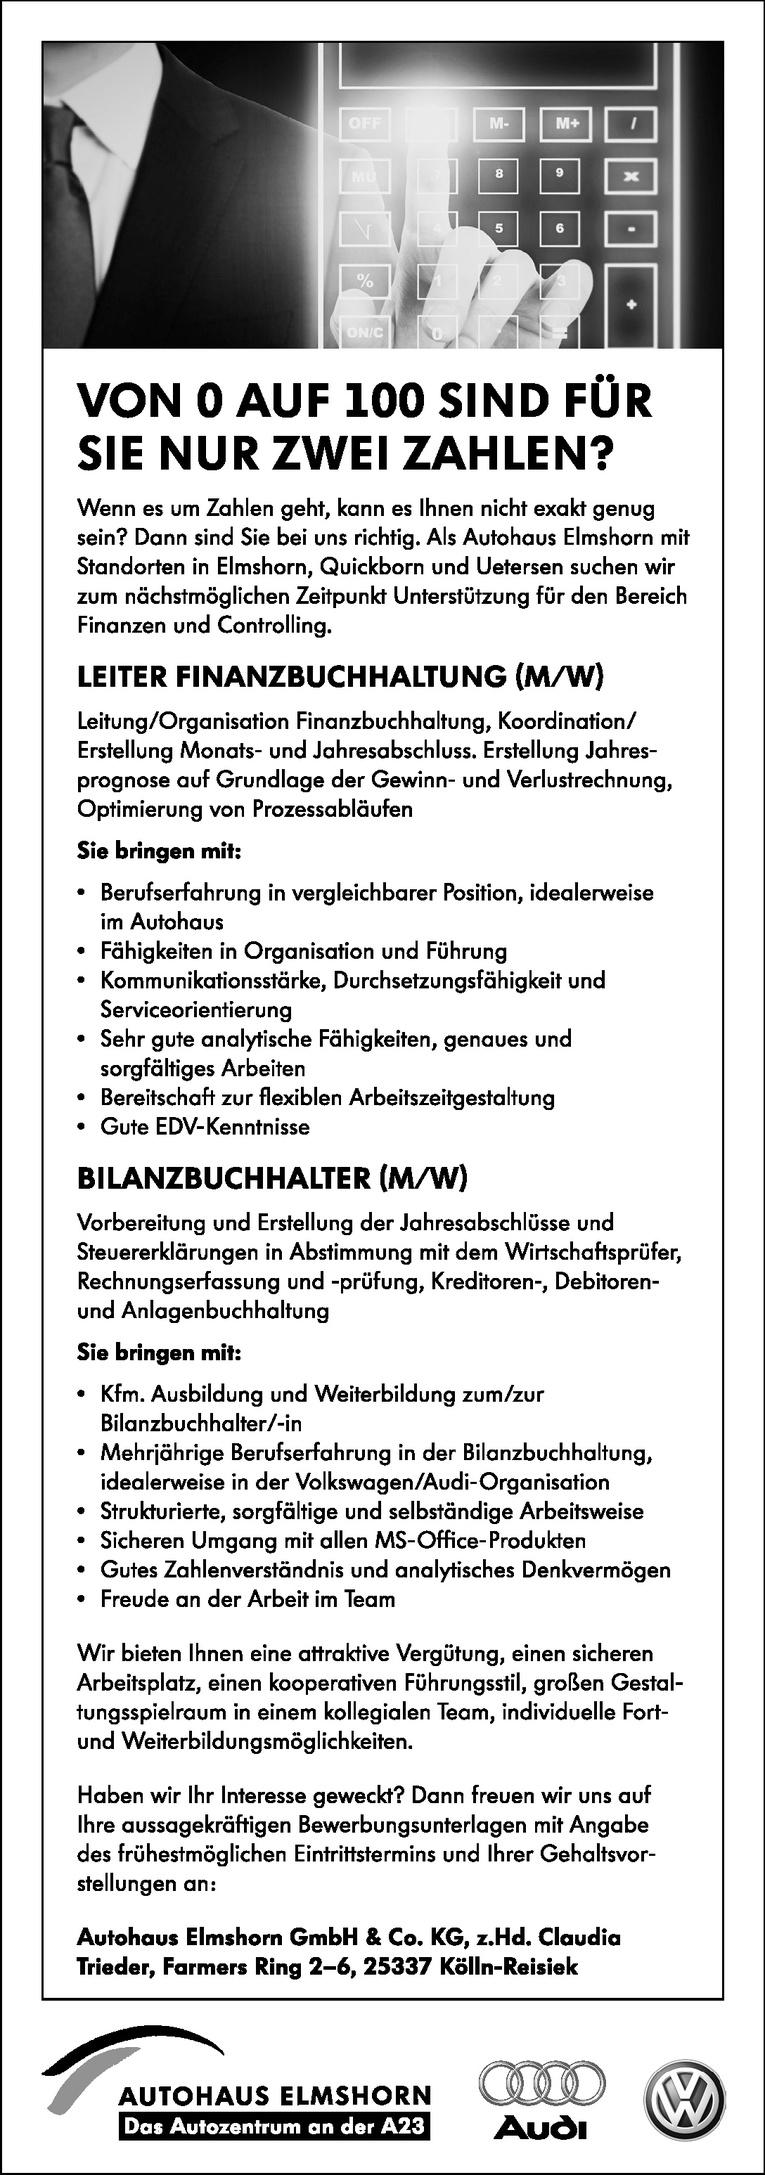 LEITER FINANZBUCHHALTUNG (M/W)